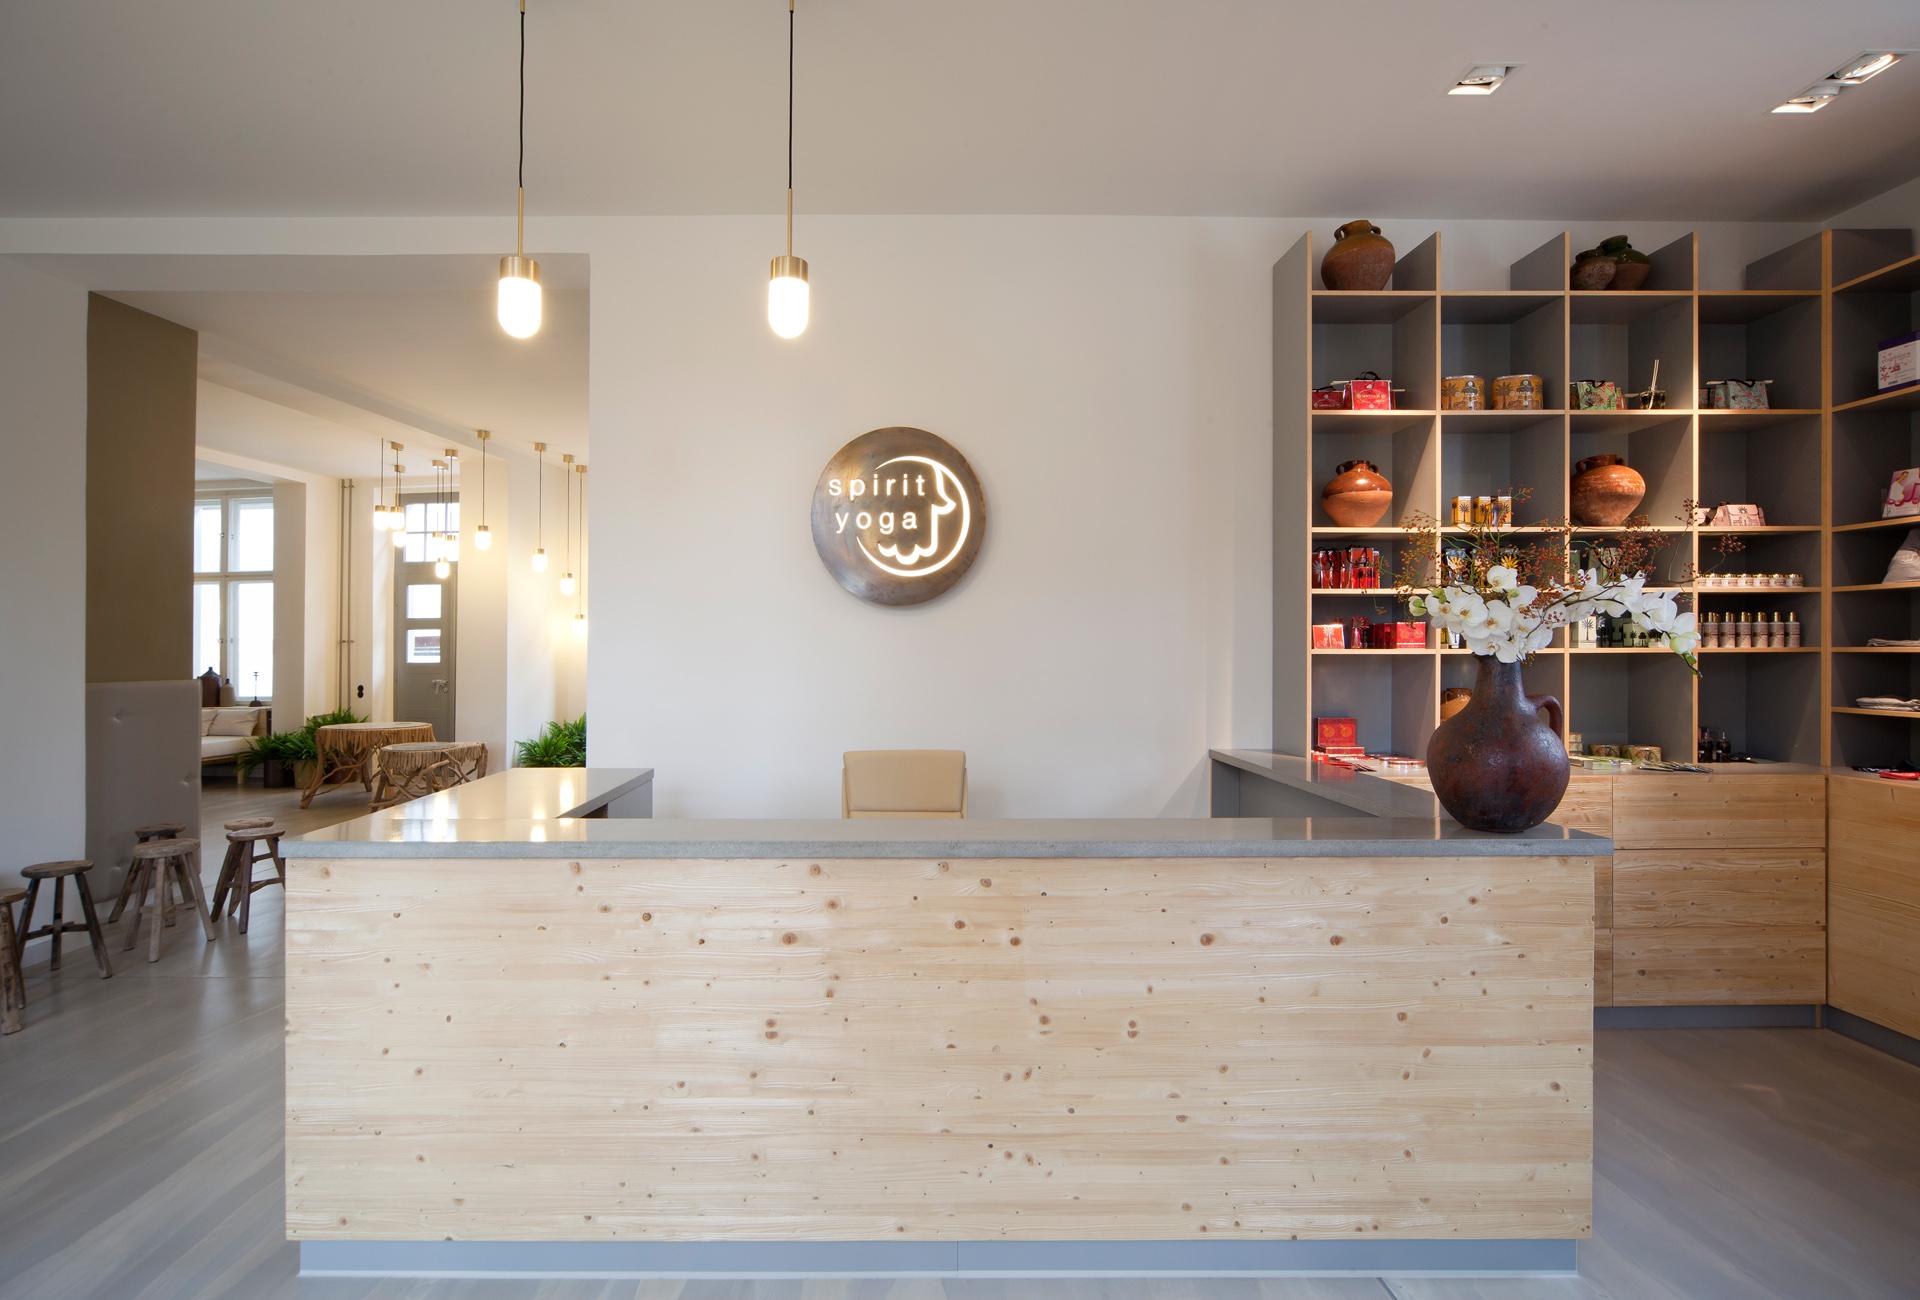 spirit yoga britta wei er innenarchitektin. Black Bedroom Furniture Sets. Home Design Ideas